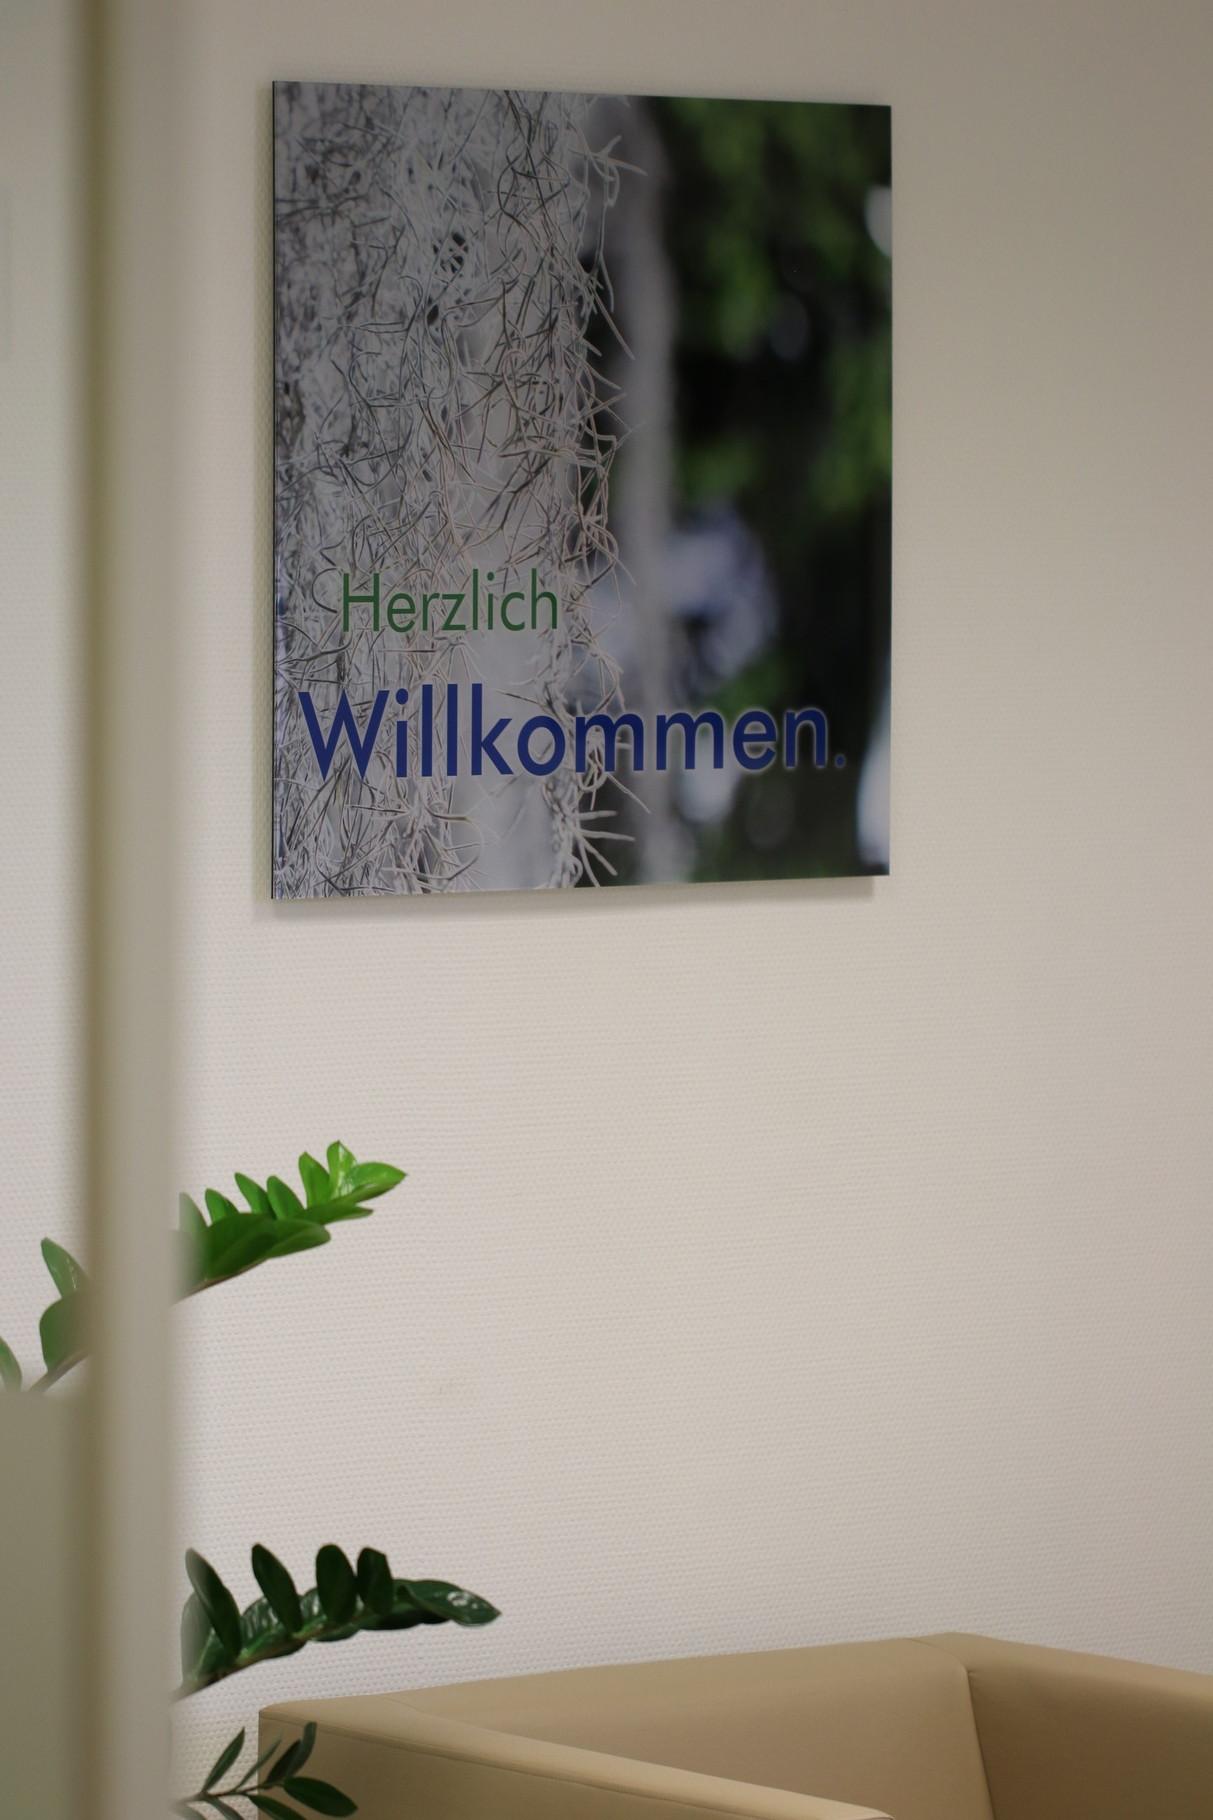 Herzlich willkommen bei Blochwitz & Katsiotas